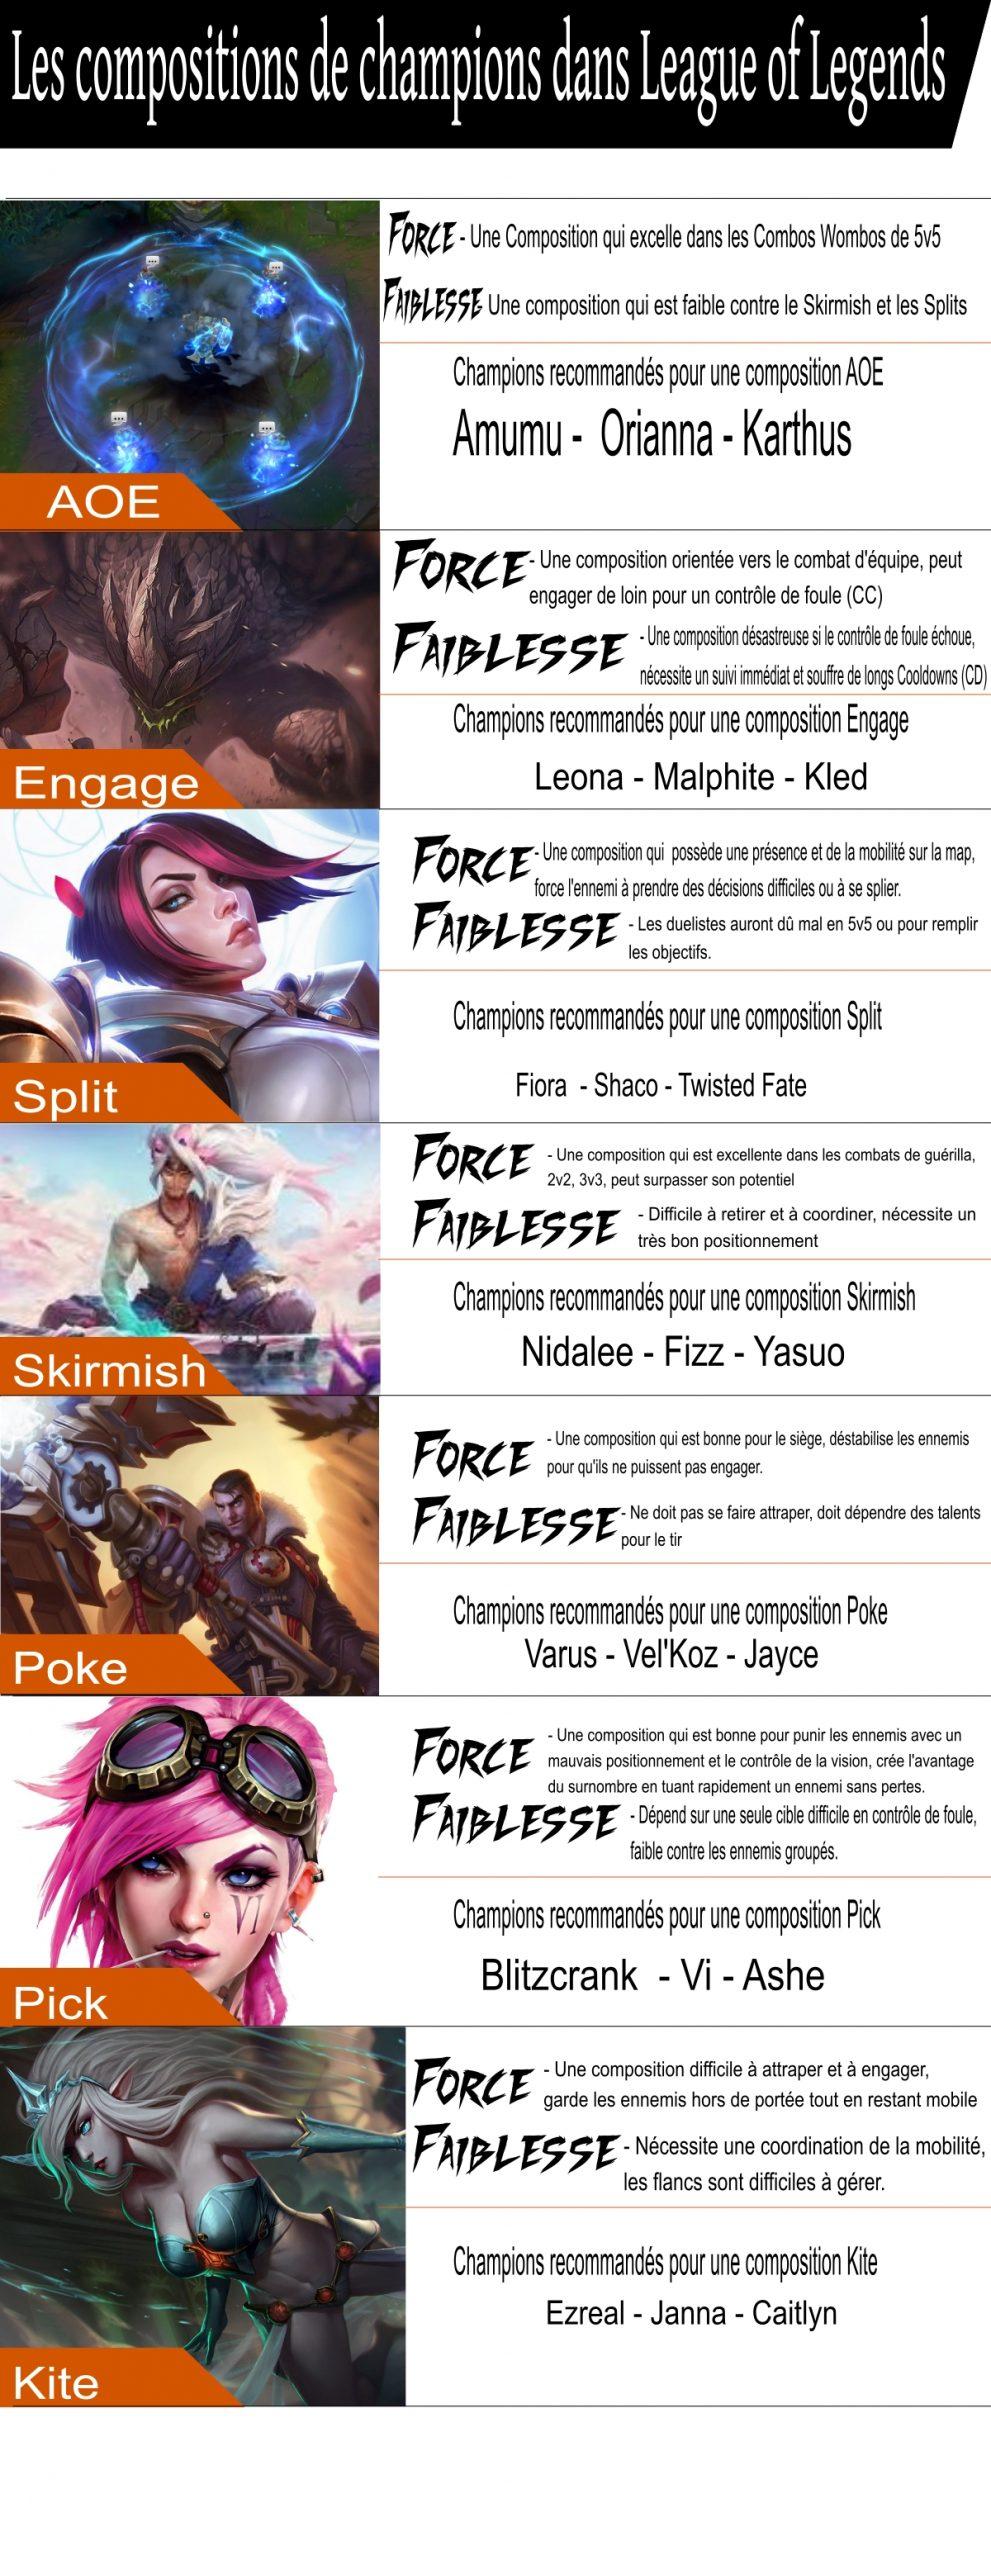 Dans ce guide pour débuter sur League of Legends, nous vous apprenons toutes les bases du jeu. C'est long, passionnant et difficile, mais vous comprendrez pourquoi LoL est un jeu unique en son genre.